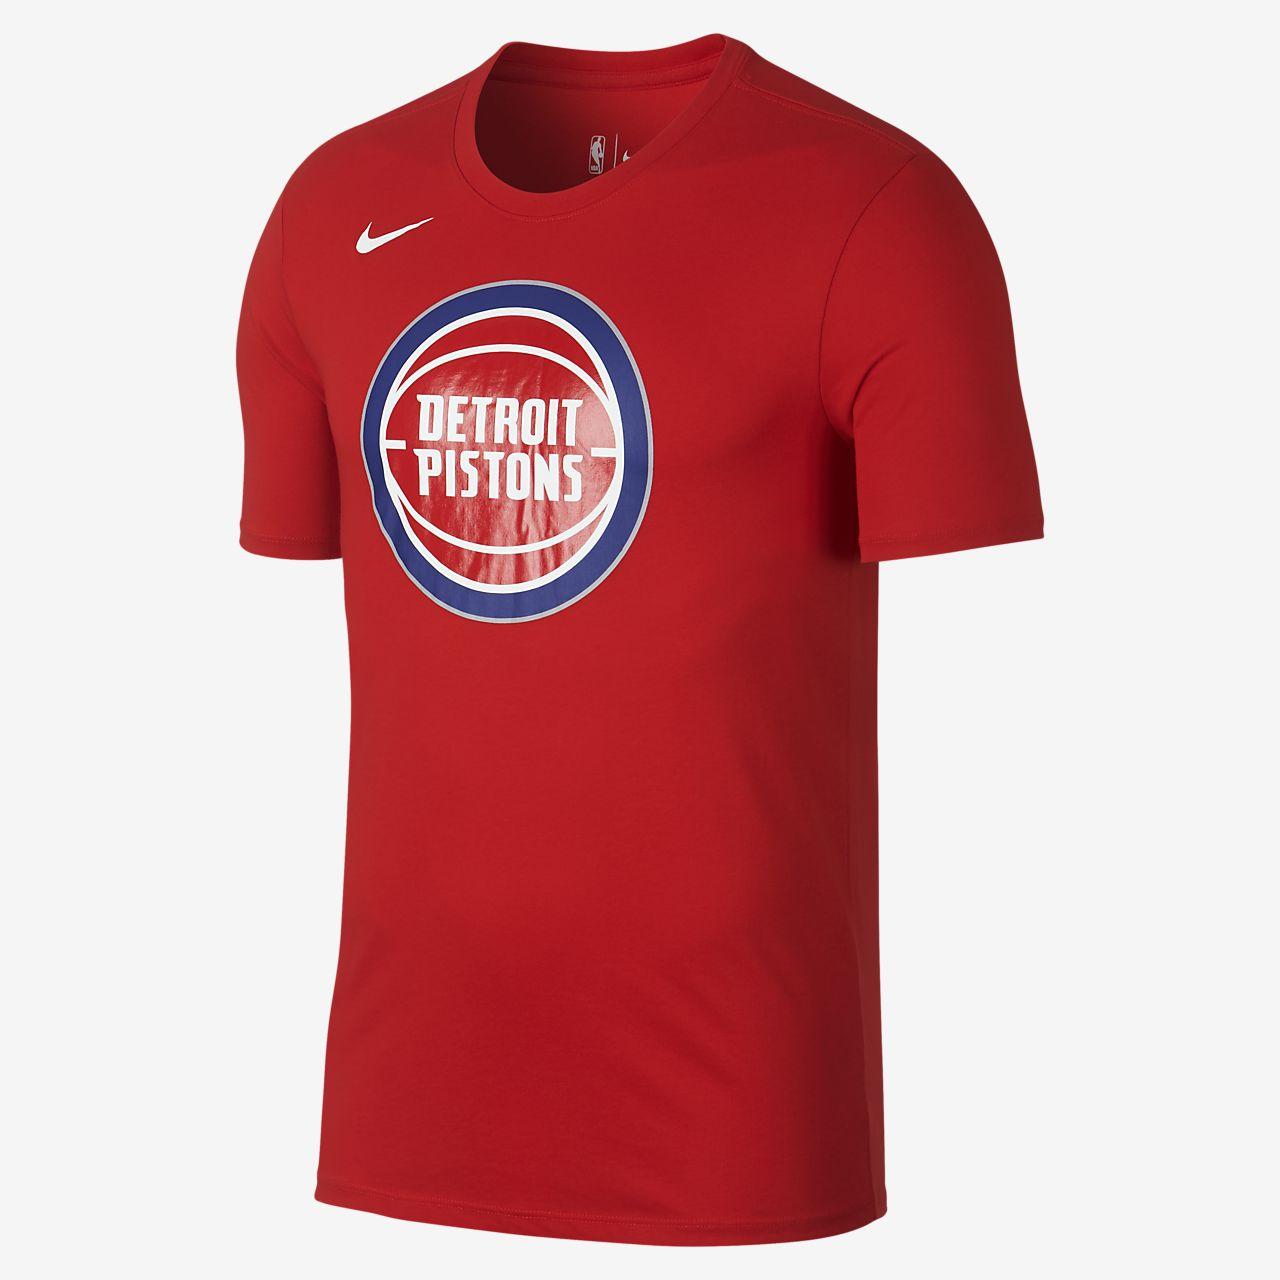 detroit pistons nike dry logo men s nba t shirt nike com rh nike com Nike Football Logo Nike Baseball Plate Logo